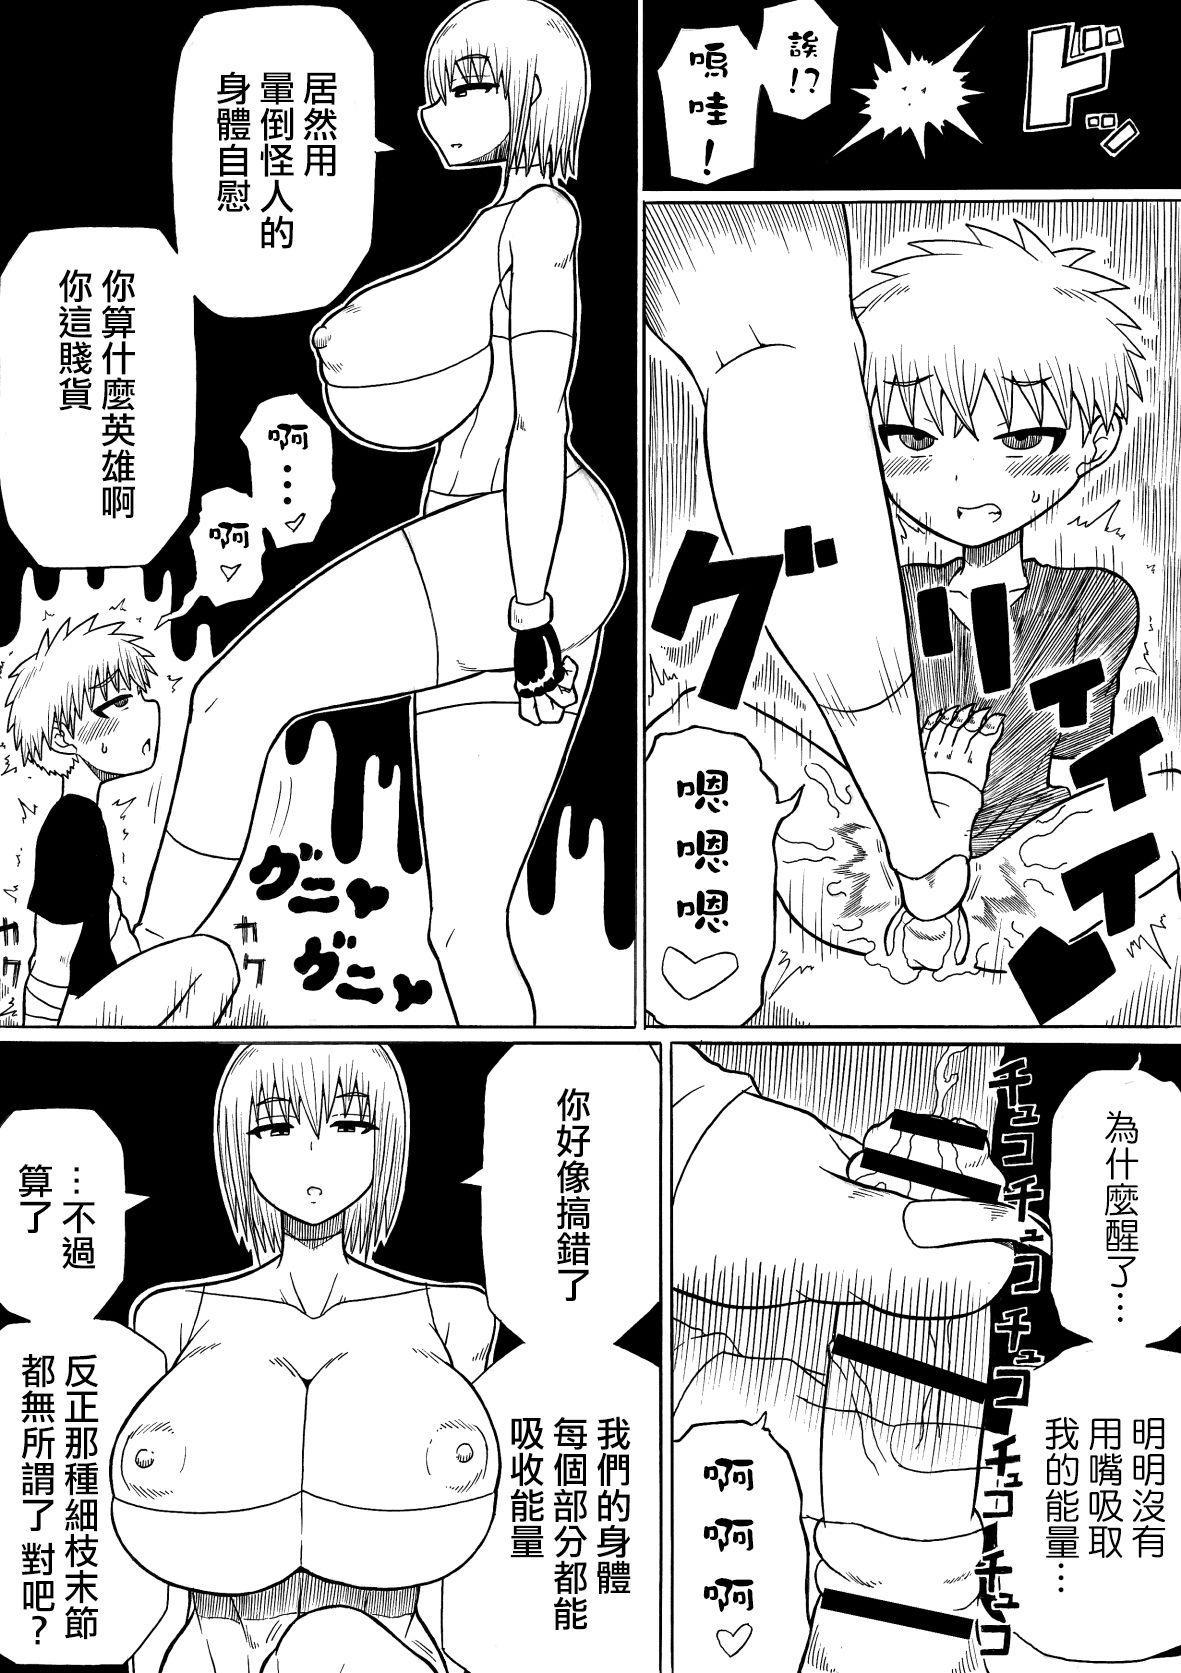 [Saga no Tame no Saga (Ratoo)] Hero haiboku ~ hajimari to owari ~ | 英雄敗北 ~起始與完結~ [Chinese] [沒有漢化] 32